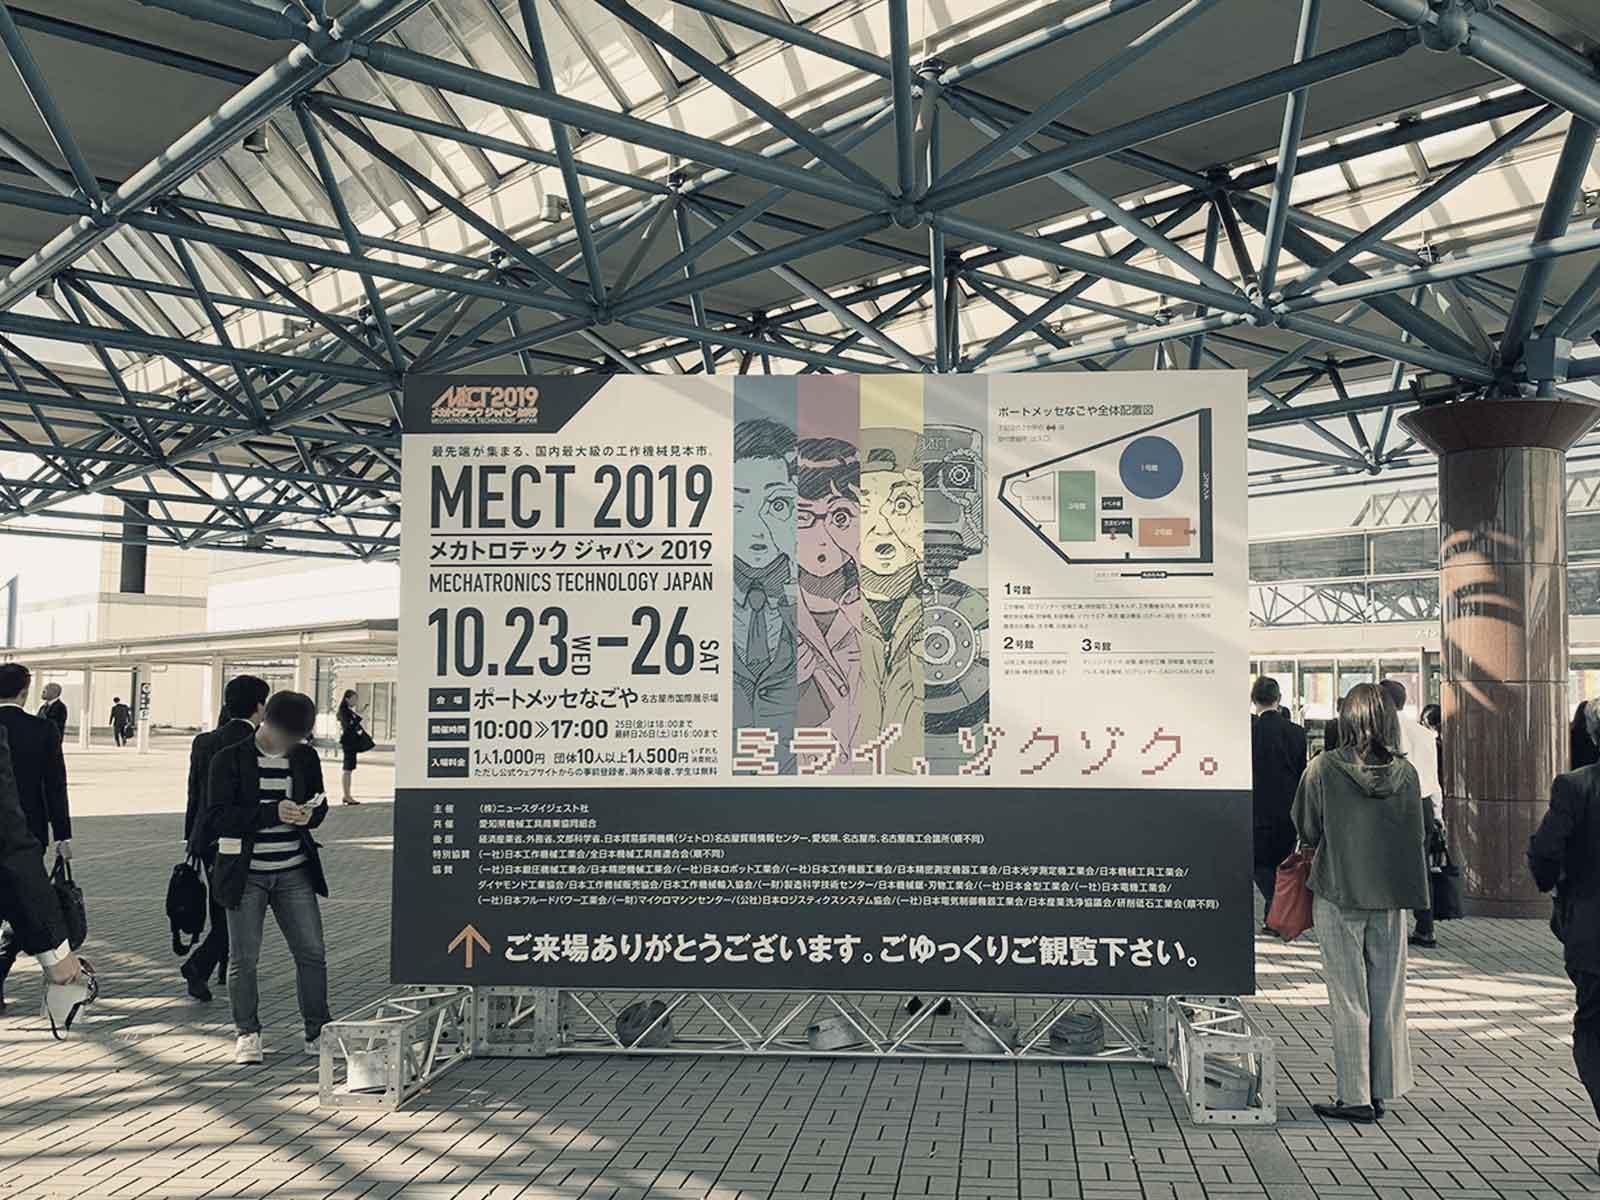 メカトロテックジャパン2019(MECT2019)にBECKHOFF様ブースにて共同出展